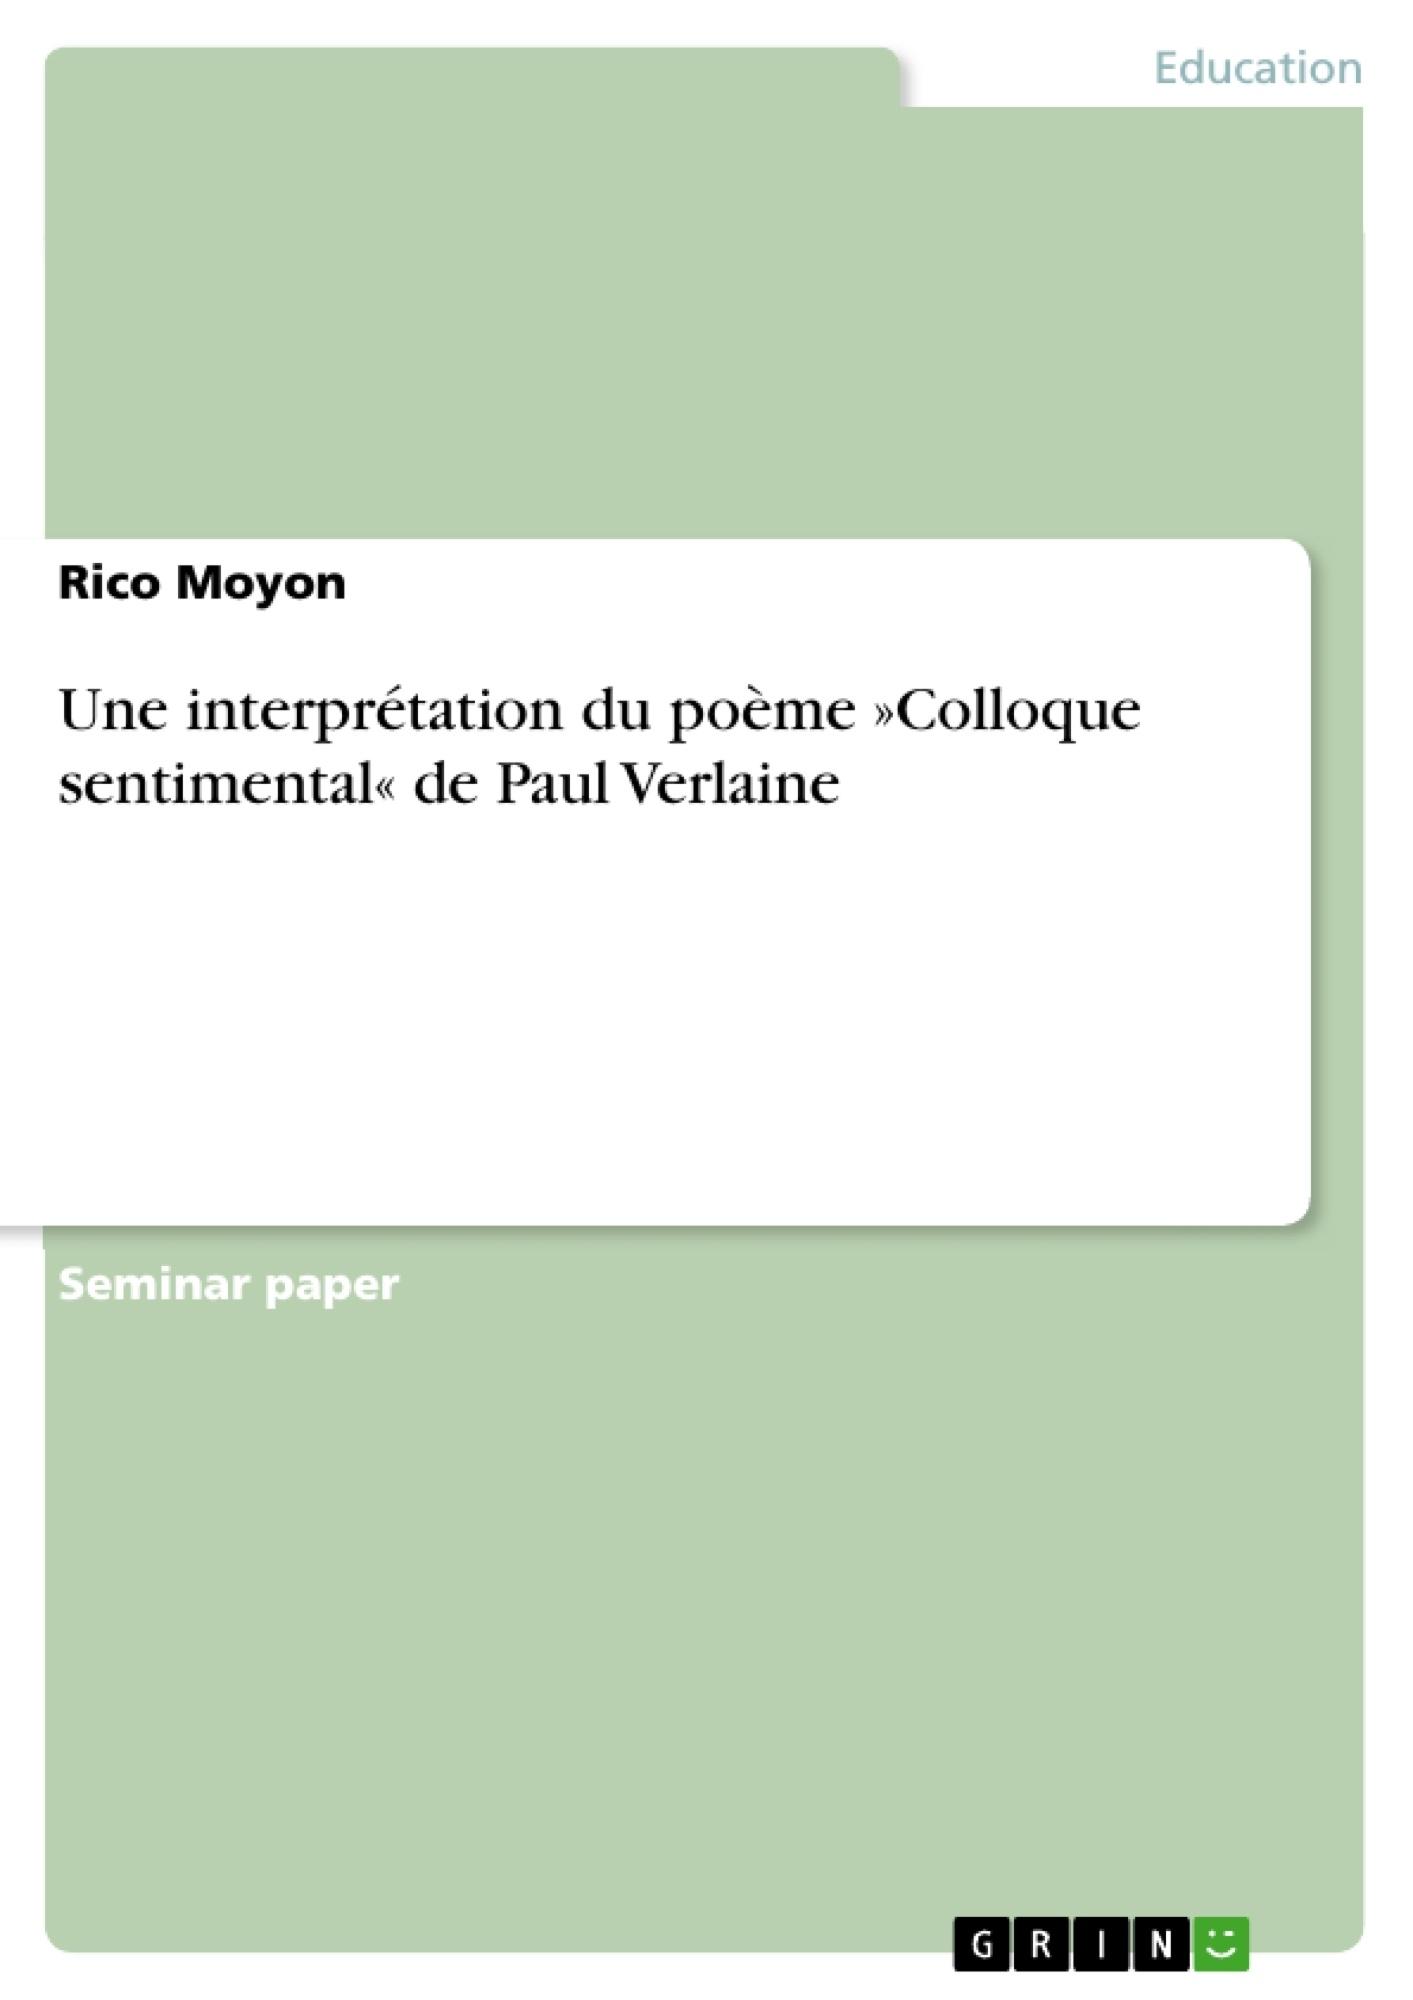 Titre: Une interprétation du poème »Colloque sentimental« de Paul Verlaine